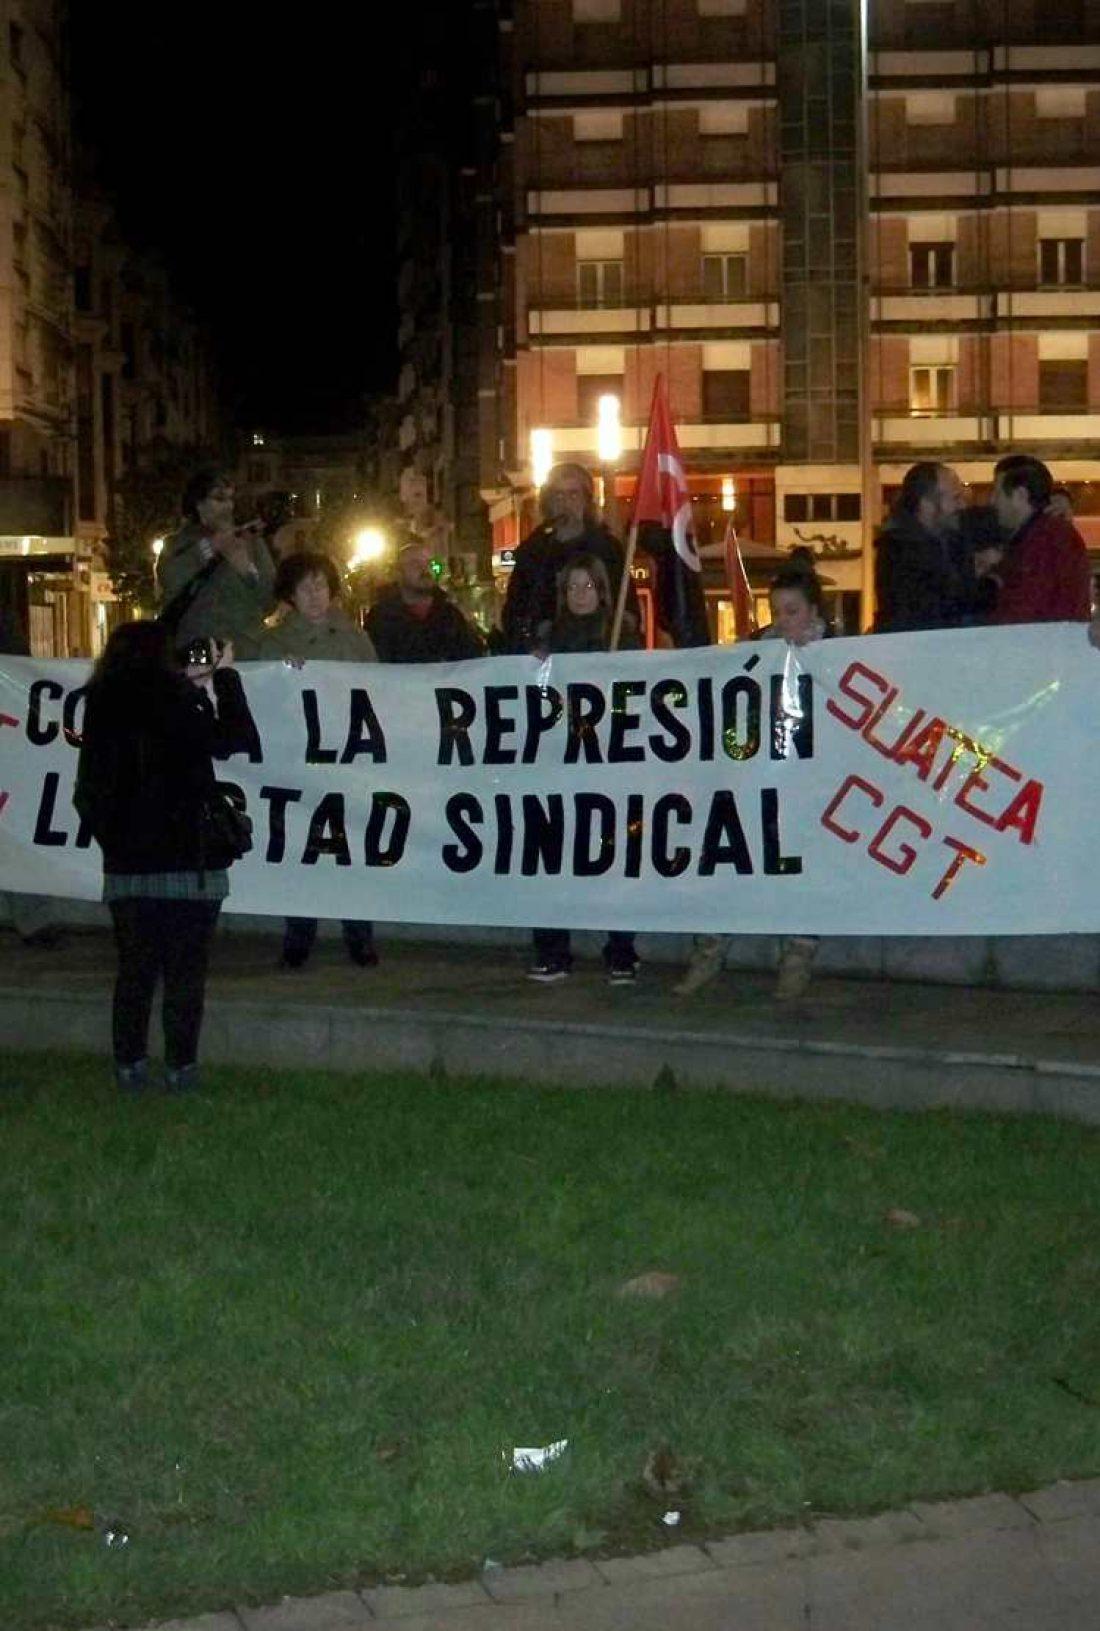 Manifestación en Gijón contra la represión sindical